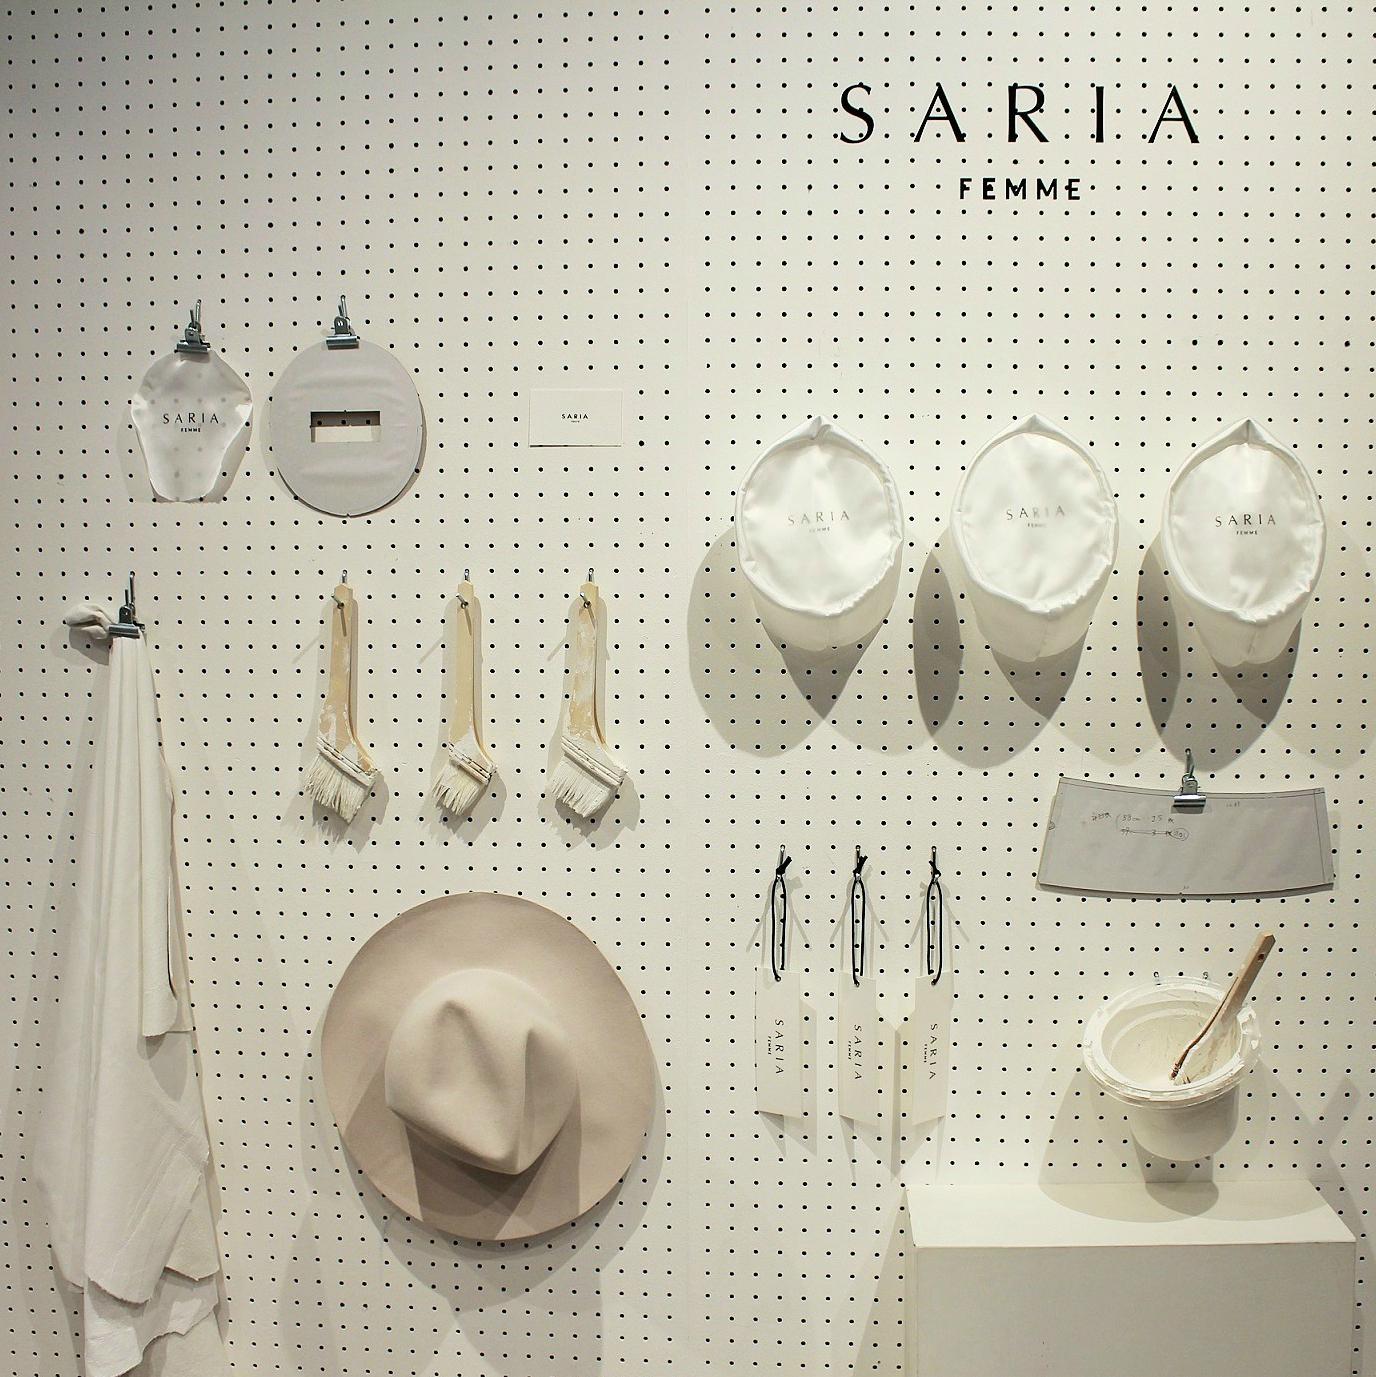 新ブランド「SARIA FEMME」がデビュー!デザイナー大畑ありささんにも直撃